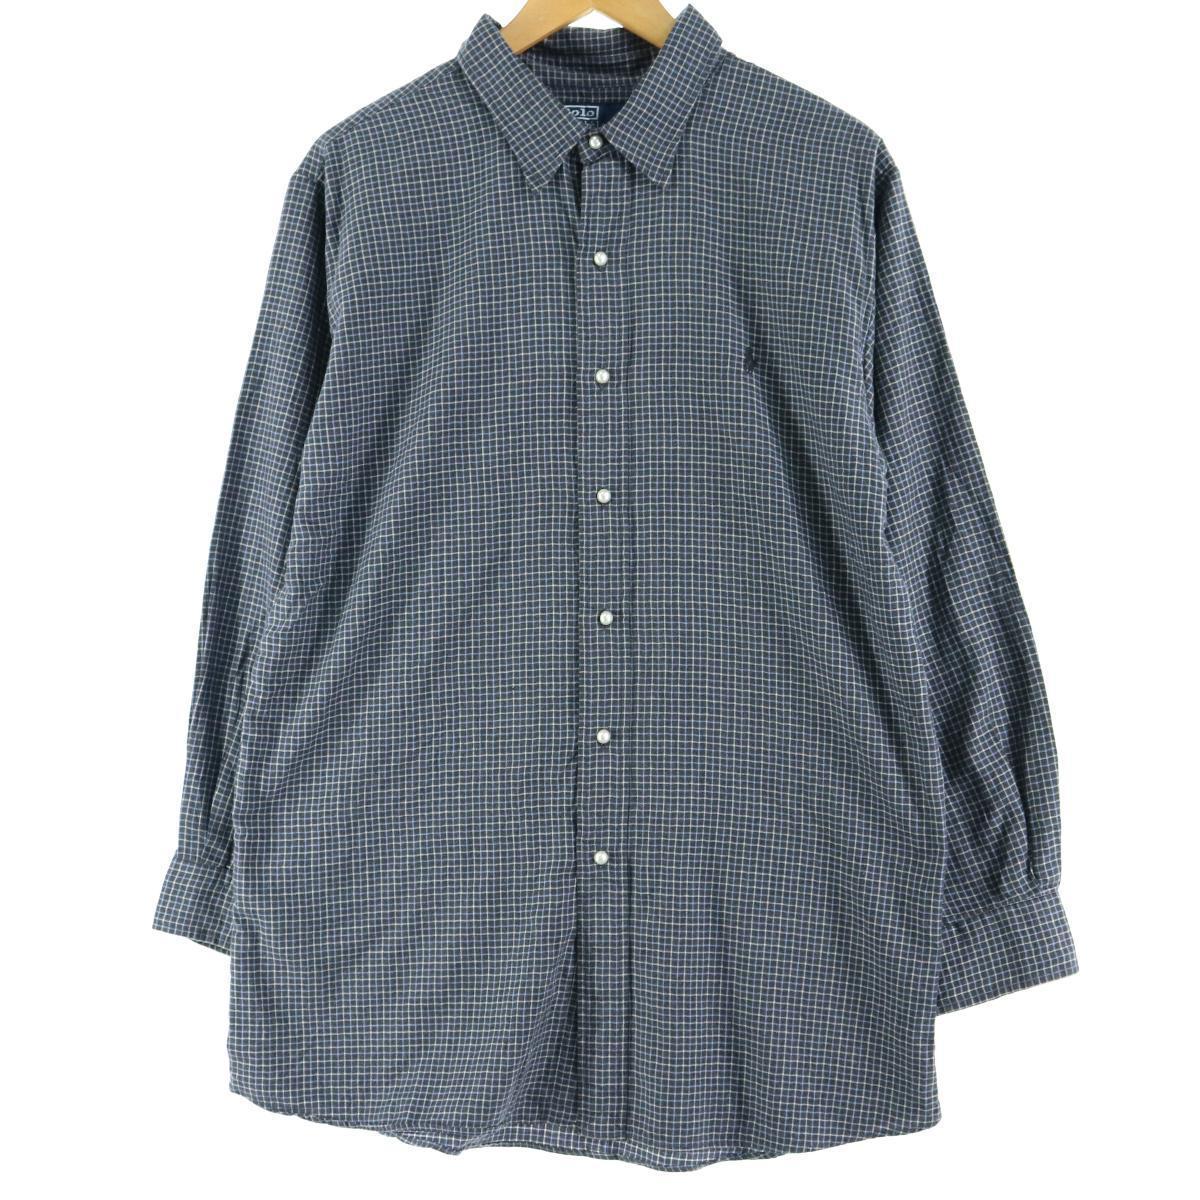 ポロラルフローレンシャツ